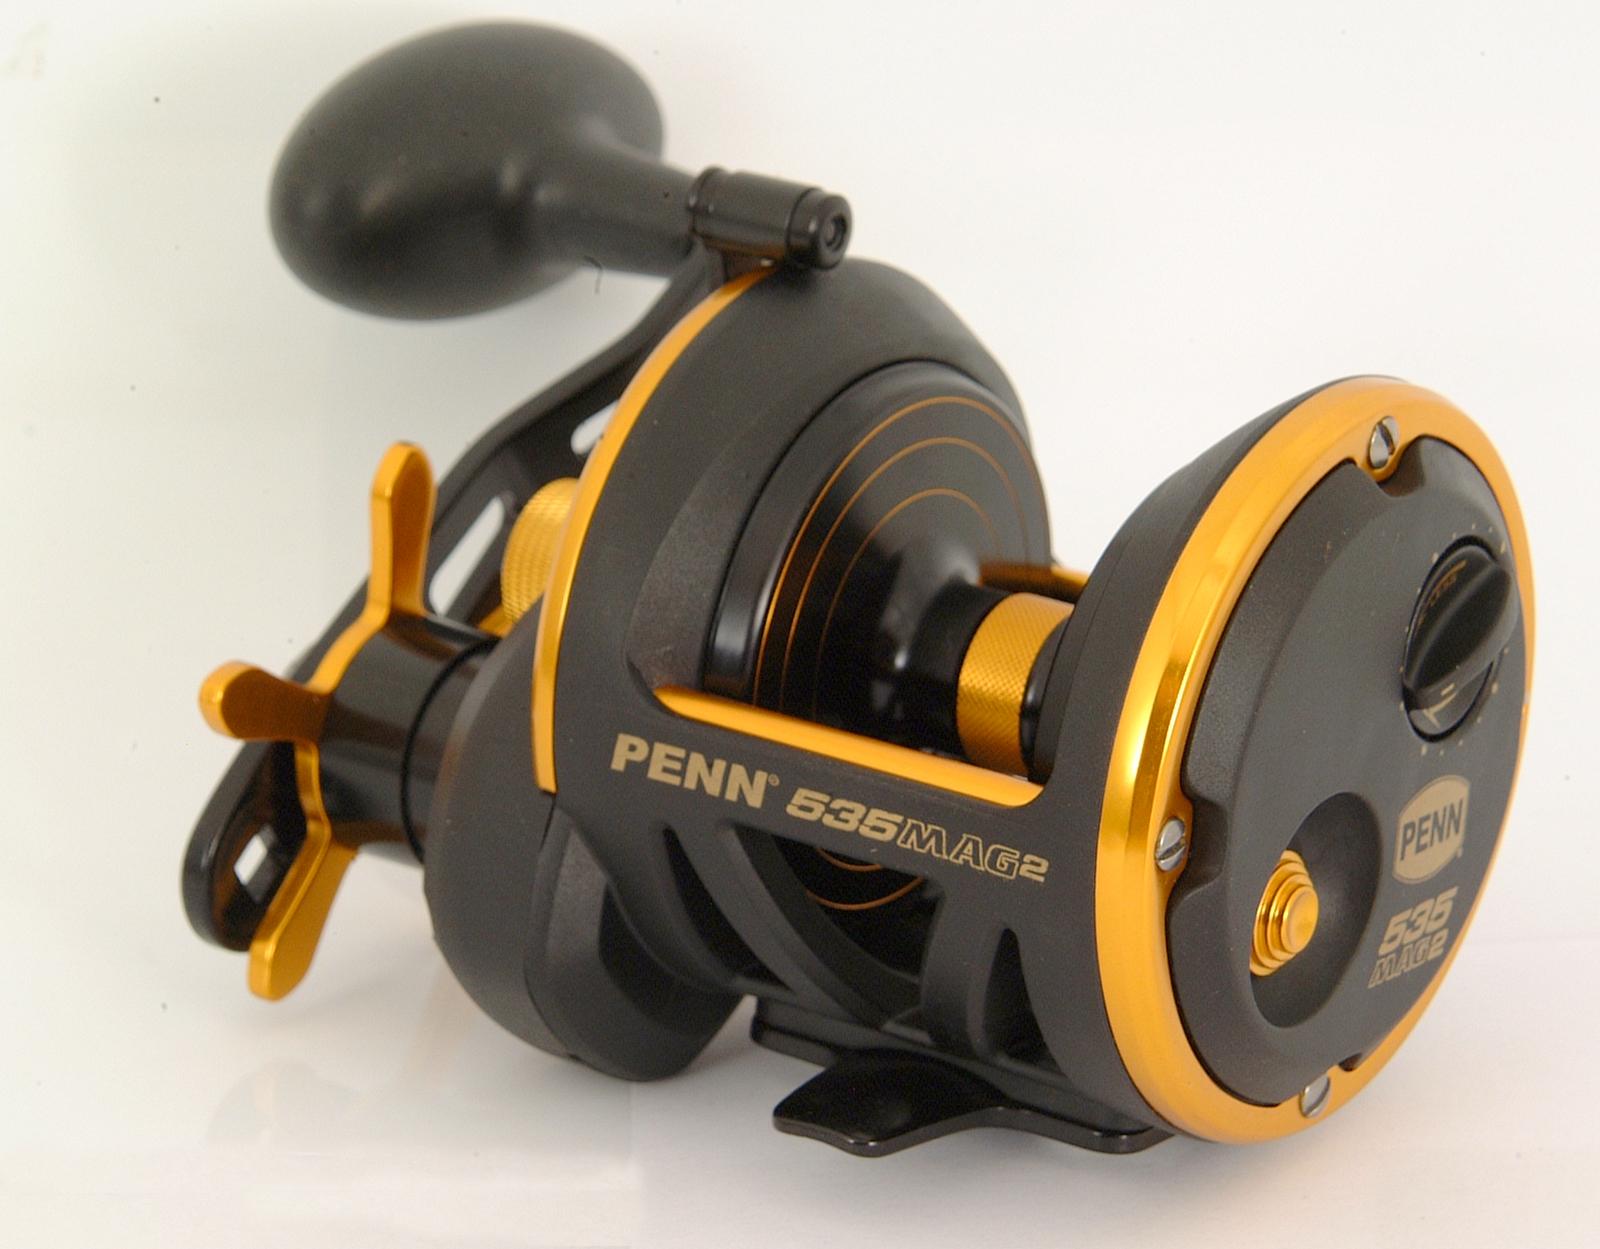 penn535-1600